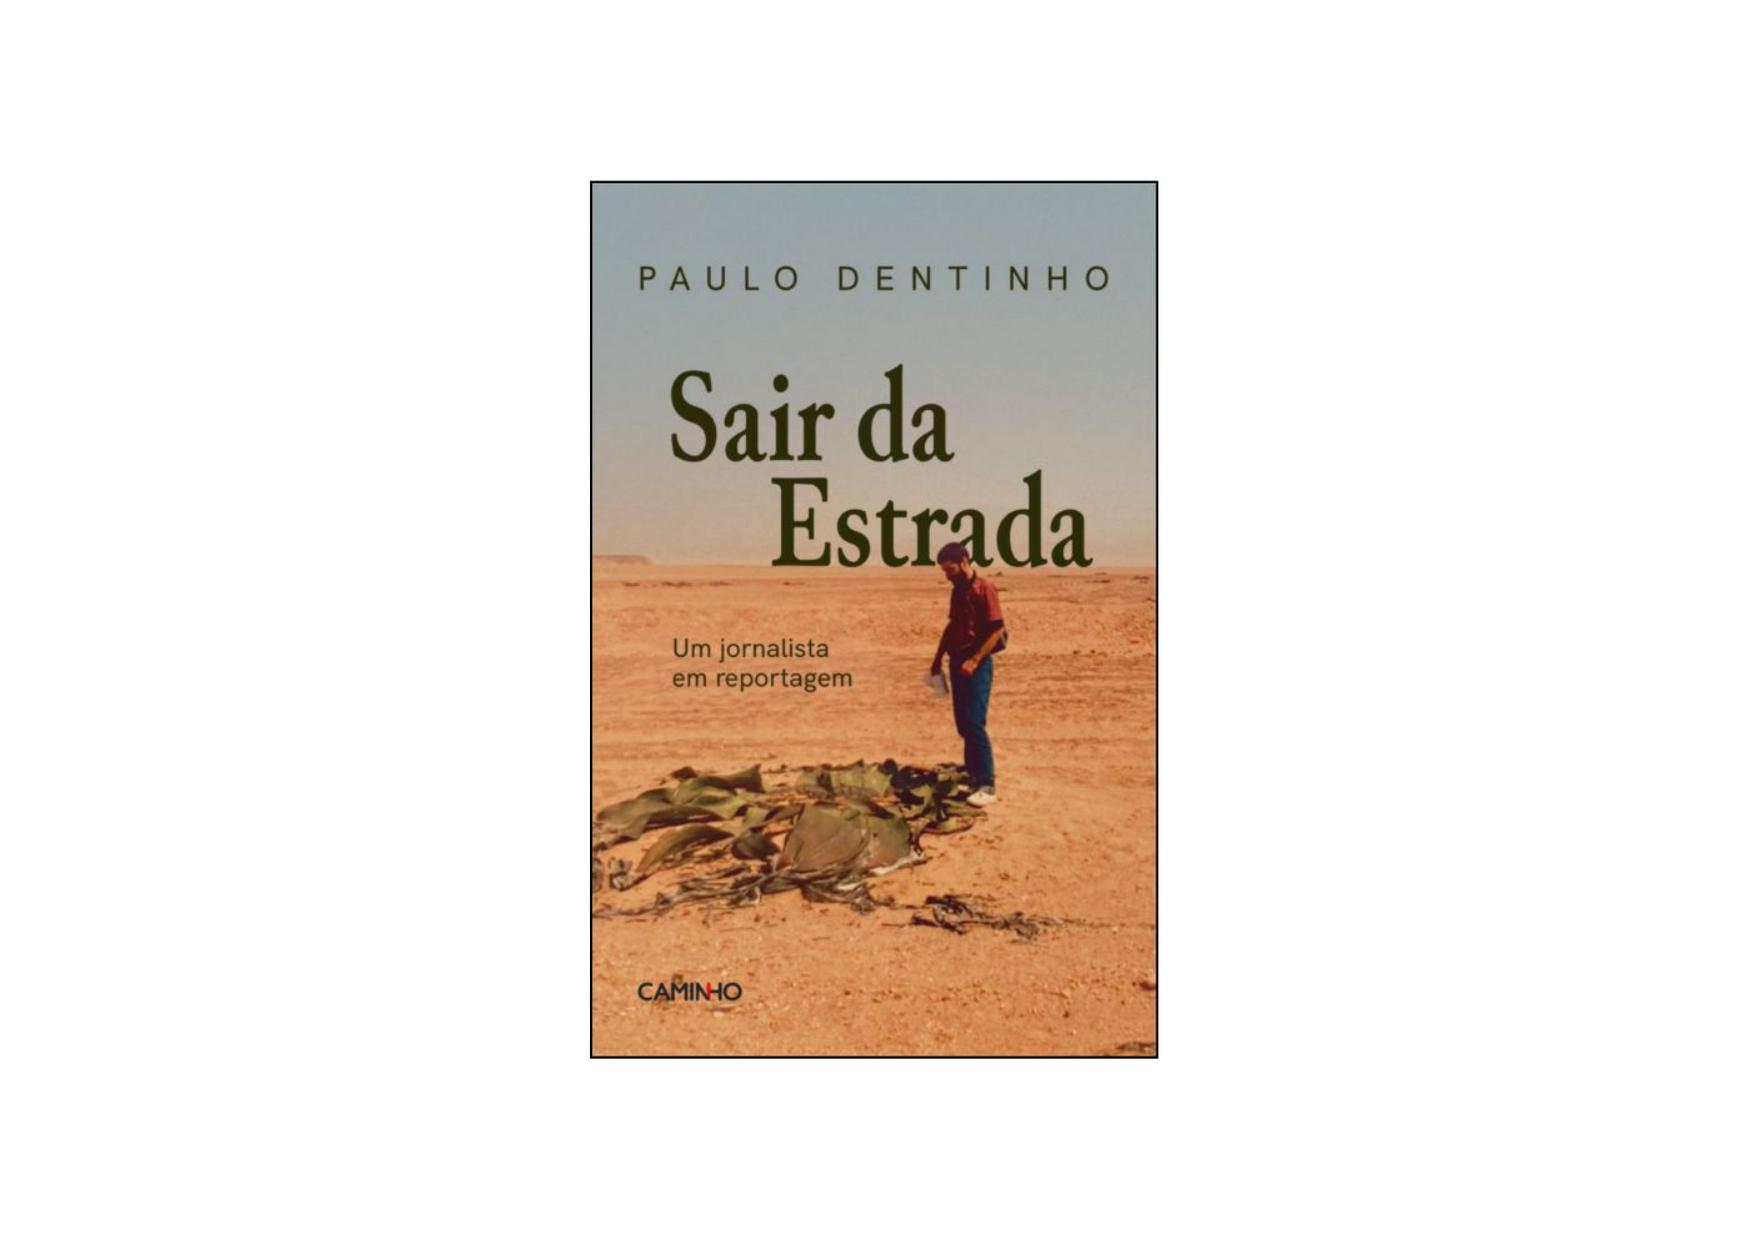 Sair da Estrada, de Paulo Dentinho